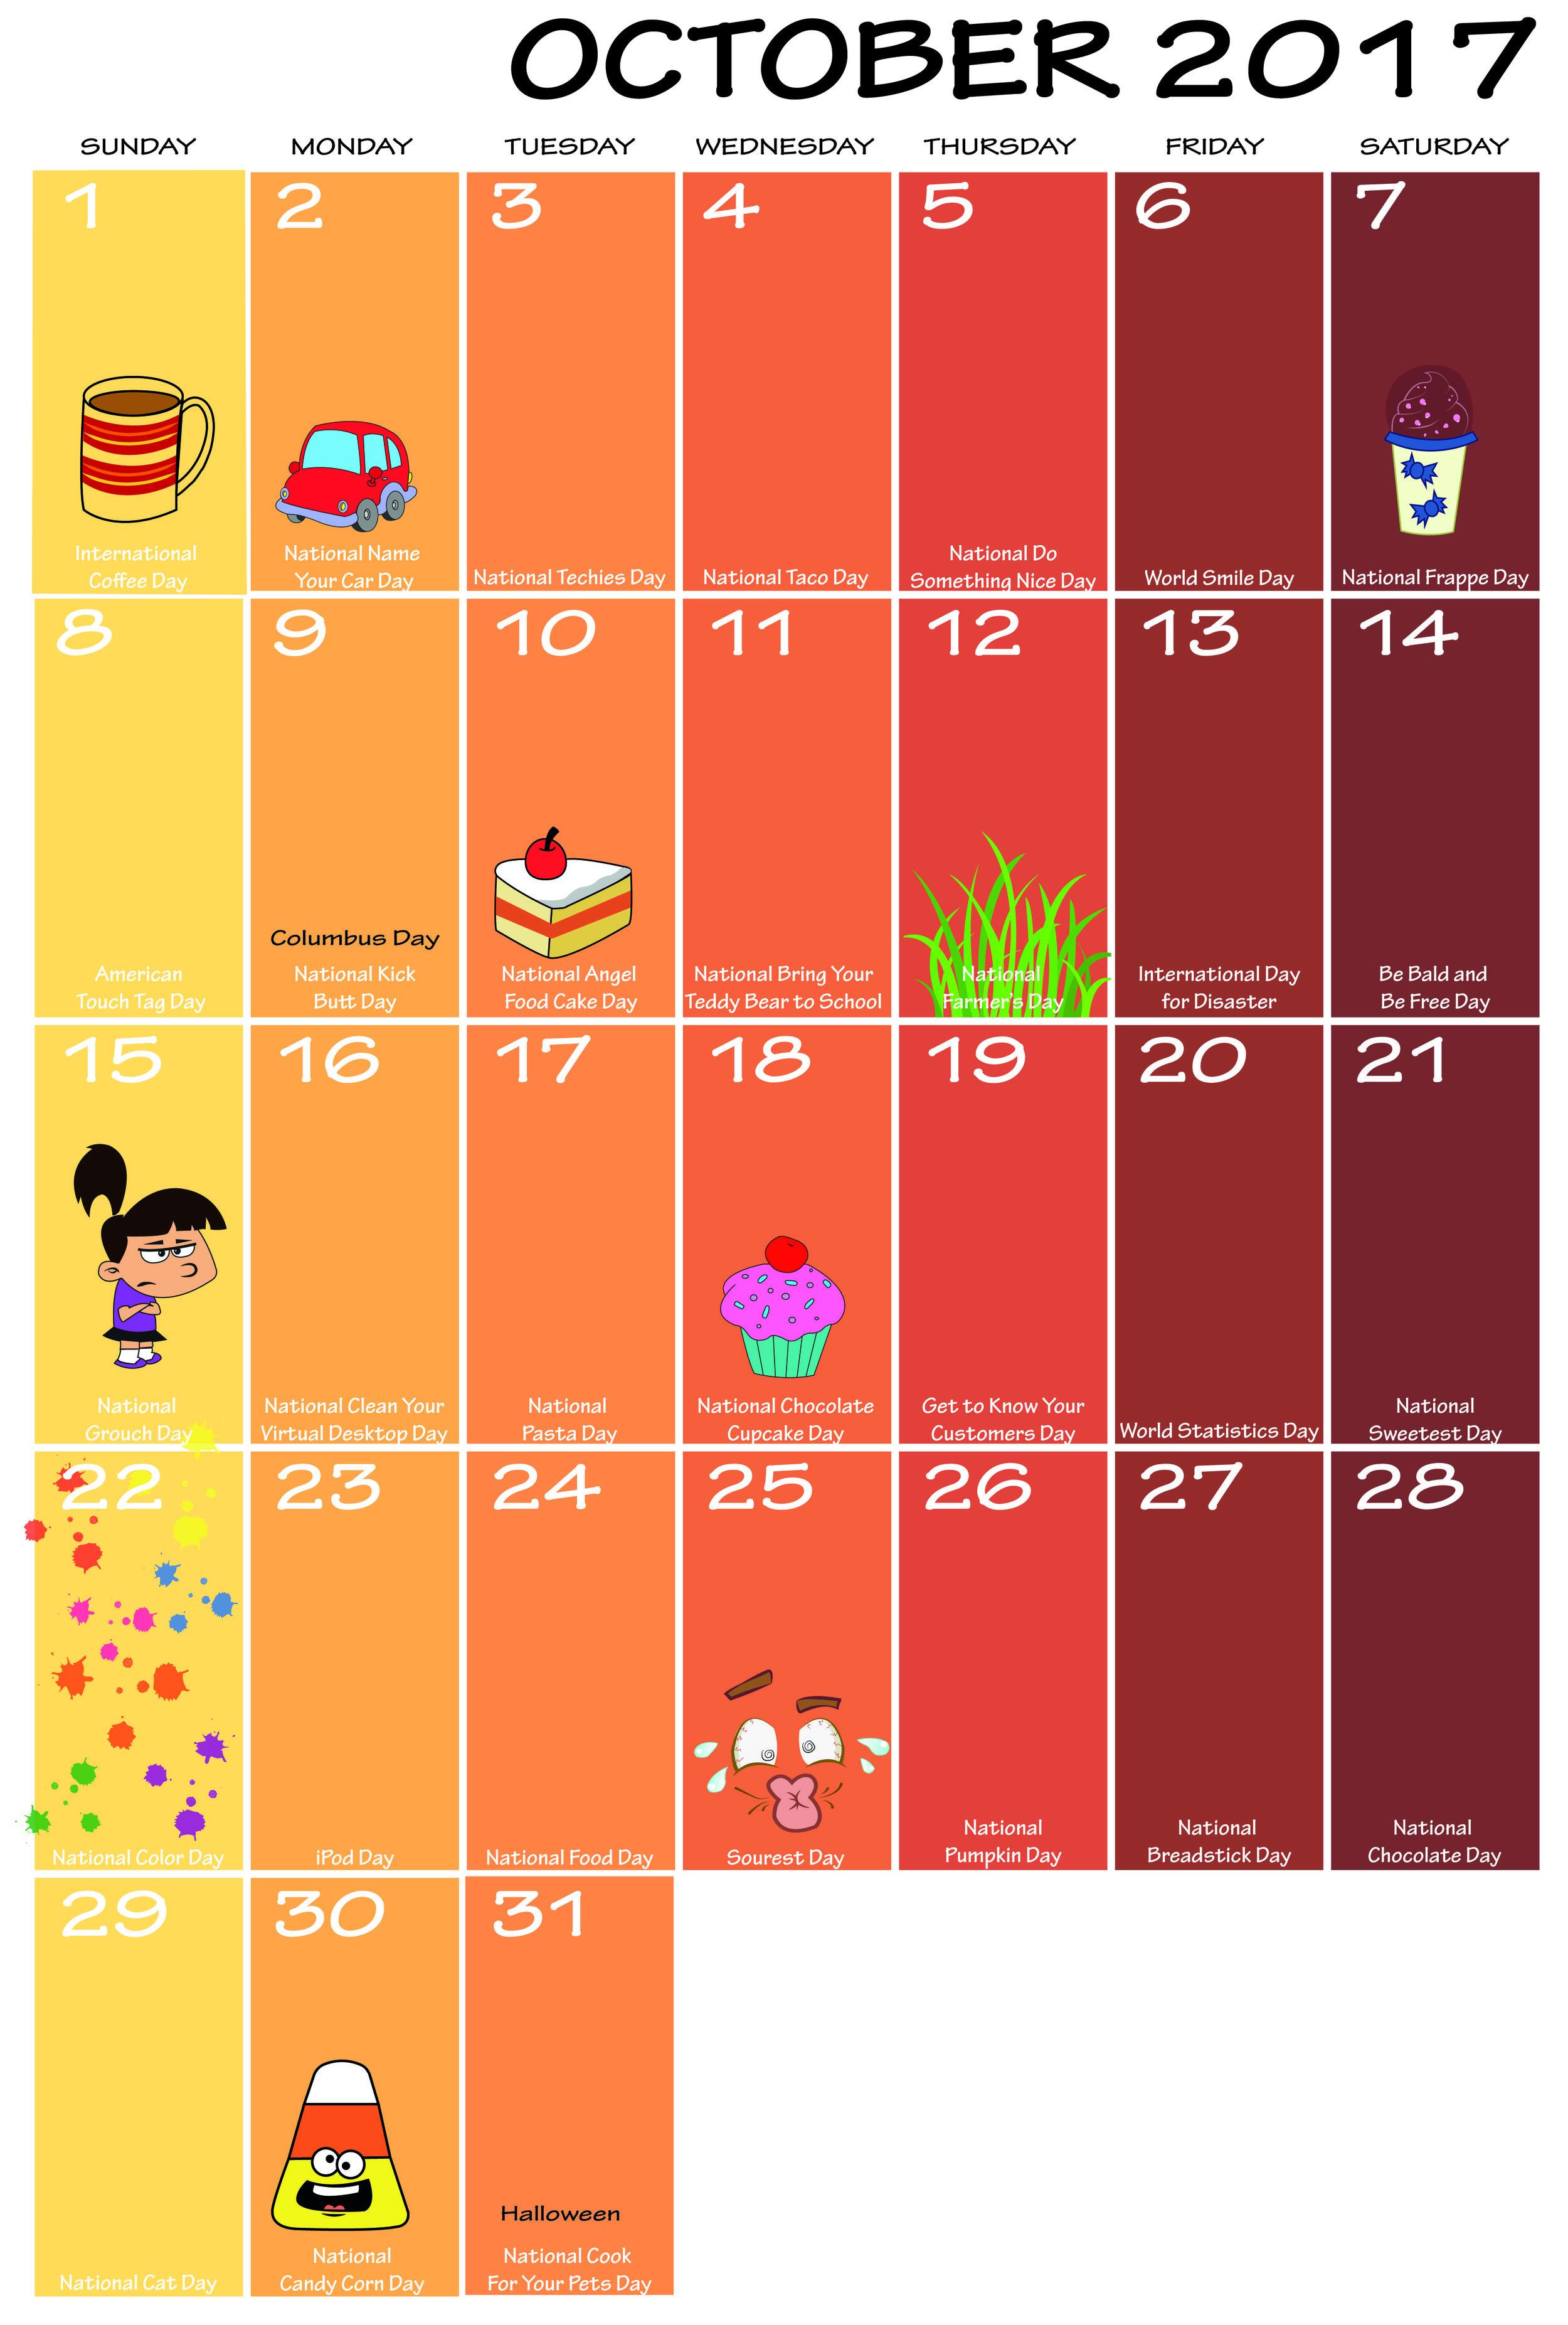 Springer_HolidayCalendar.jpg